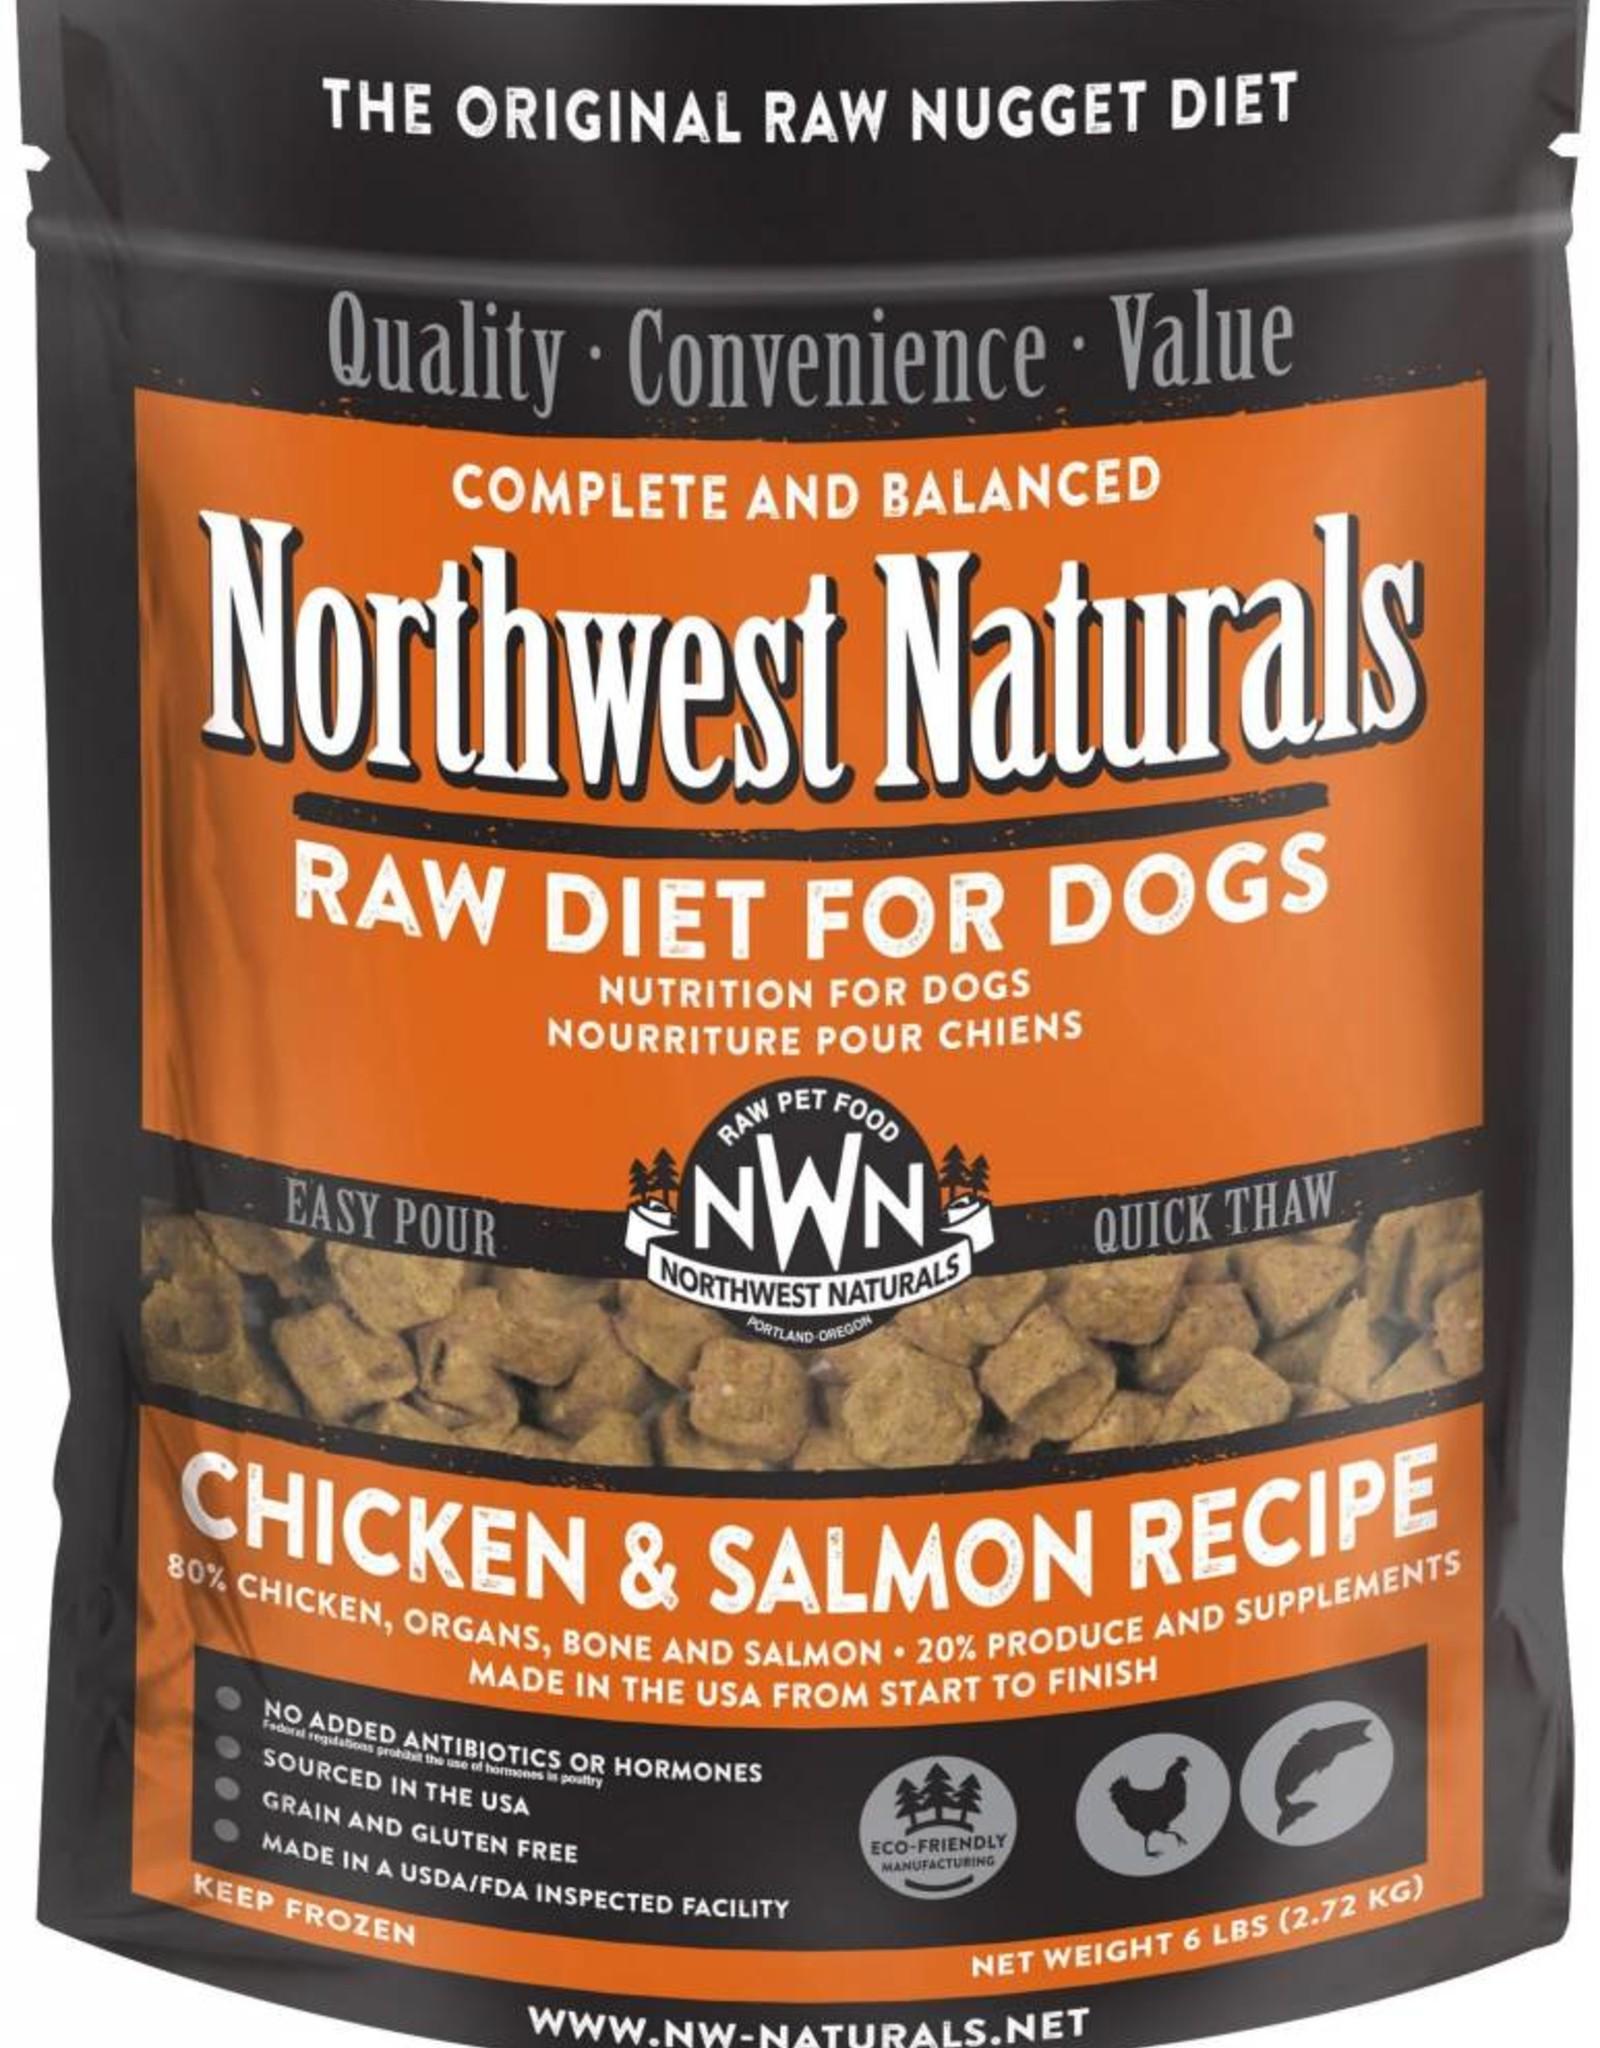 Northwest Naturals SALE - Northwest Naturals Frozen Chicken & Salmon